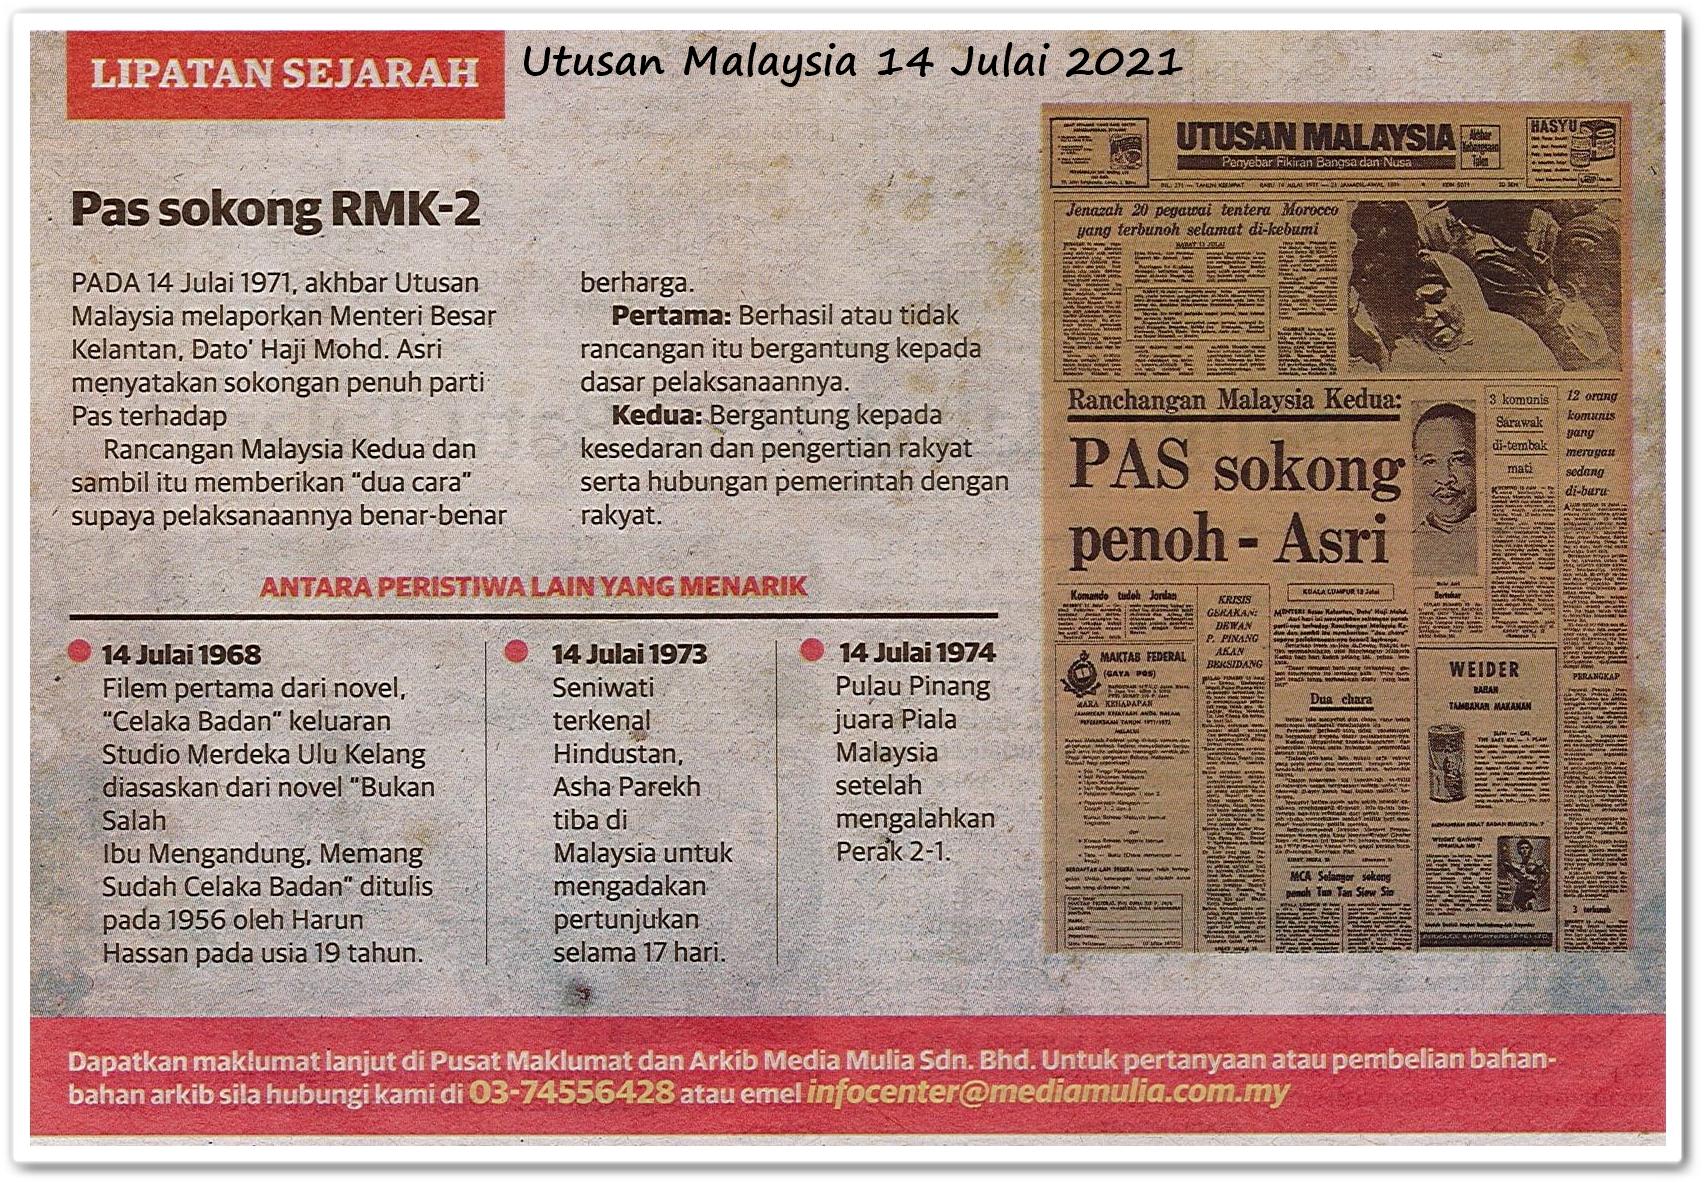 Lipatan sejarah 14 Julai - Keratan akhbar Utusan Malaysia 14 Julai 2021